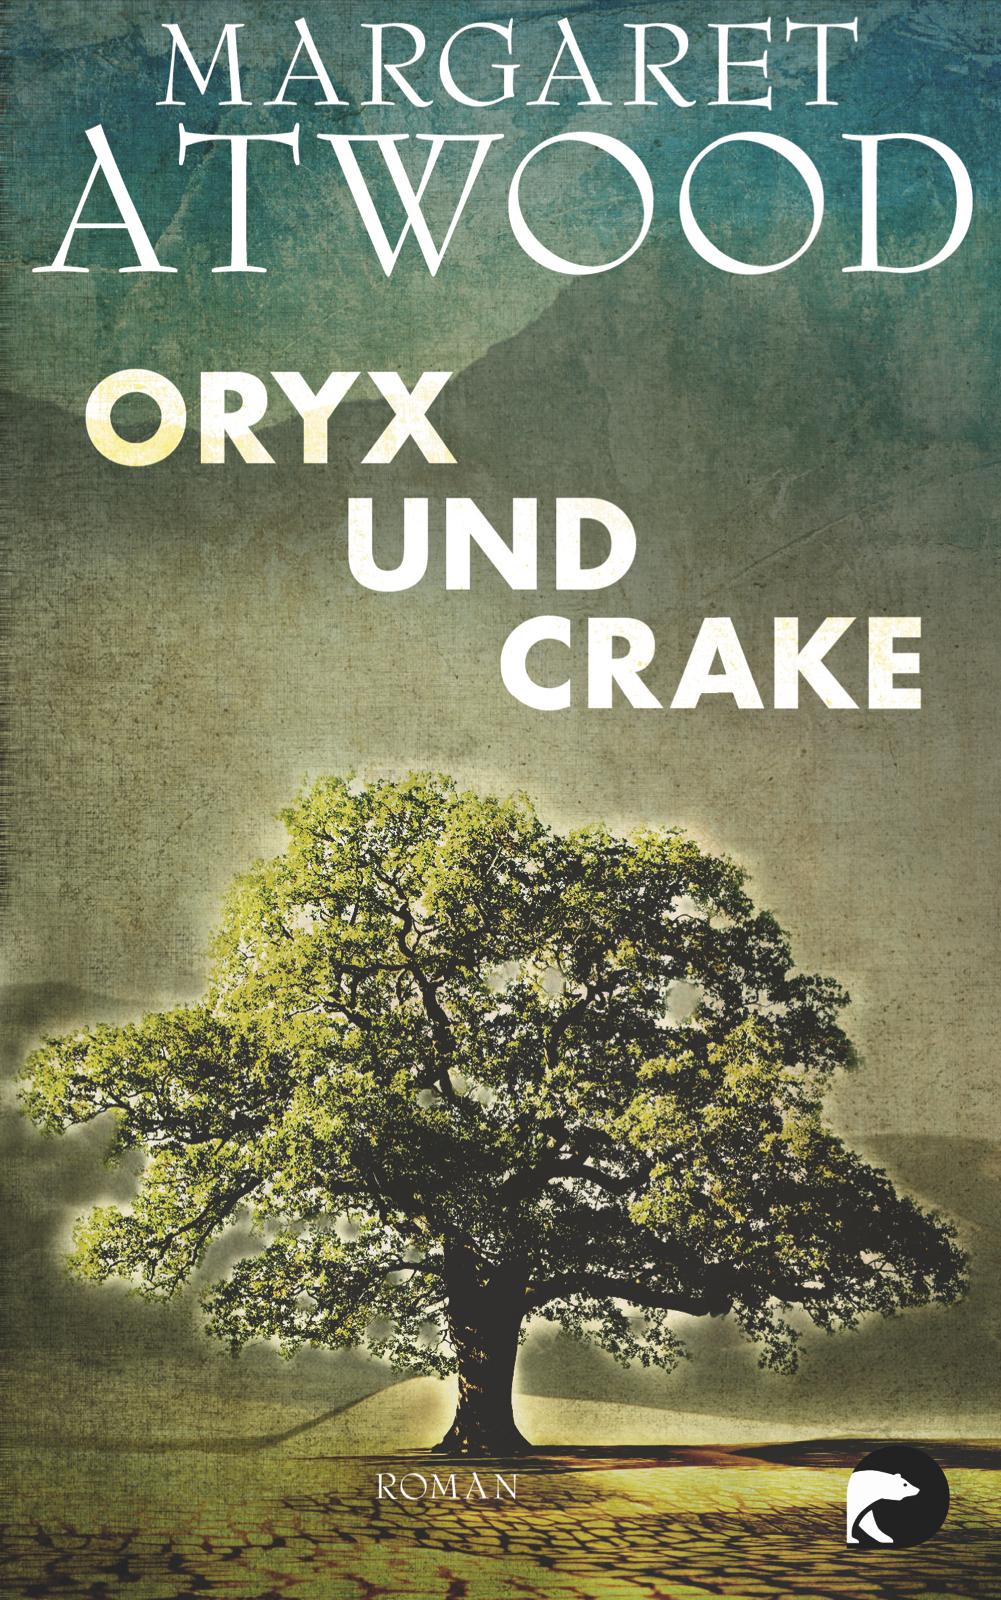 Oryxundcrake